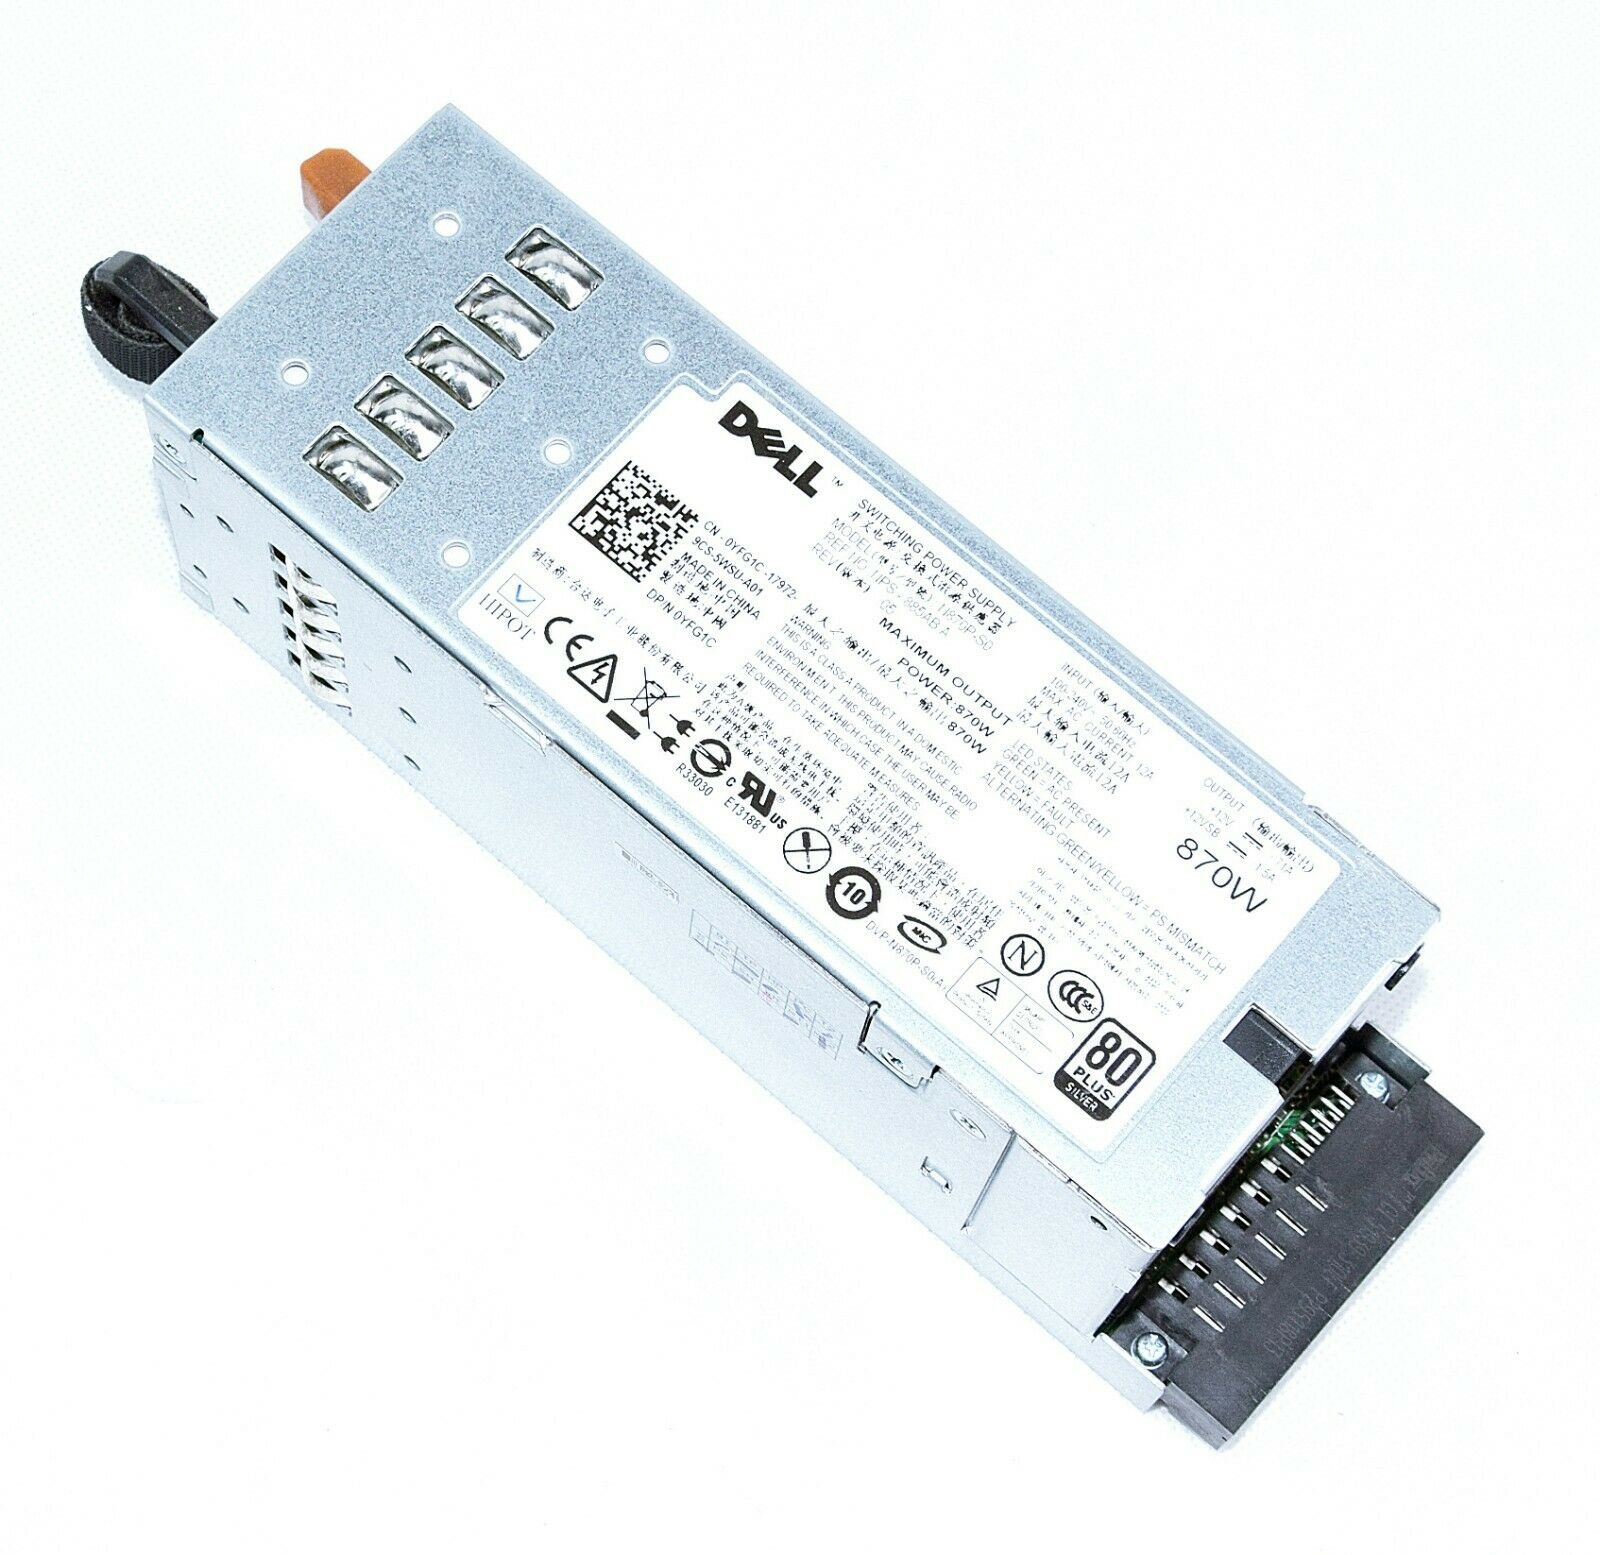 DELL PSU Power Supply 870W N870P-S0 NPS-885AB A 0YFG1C PowerEdge R710 T610